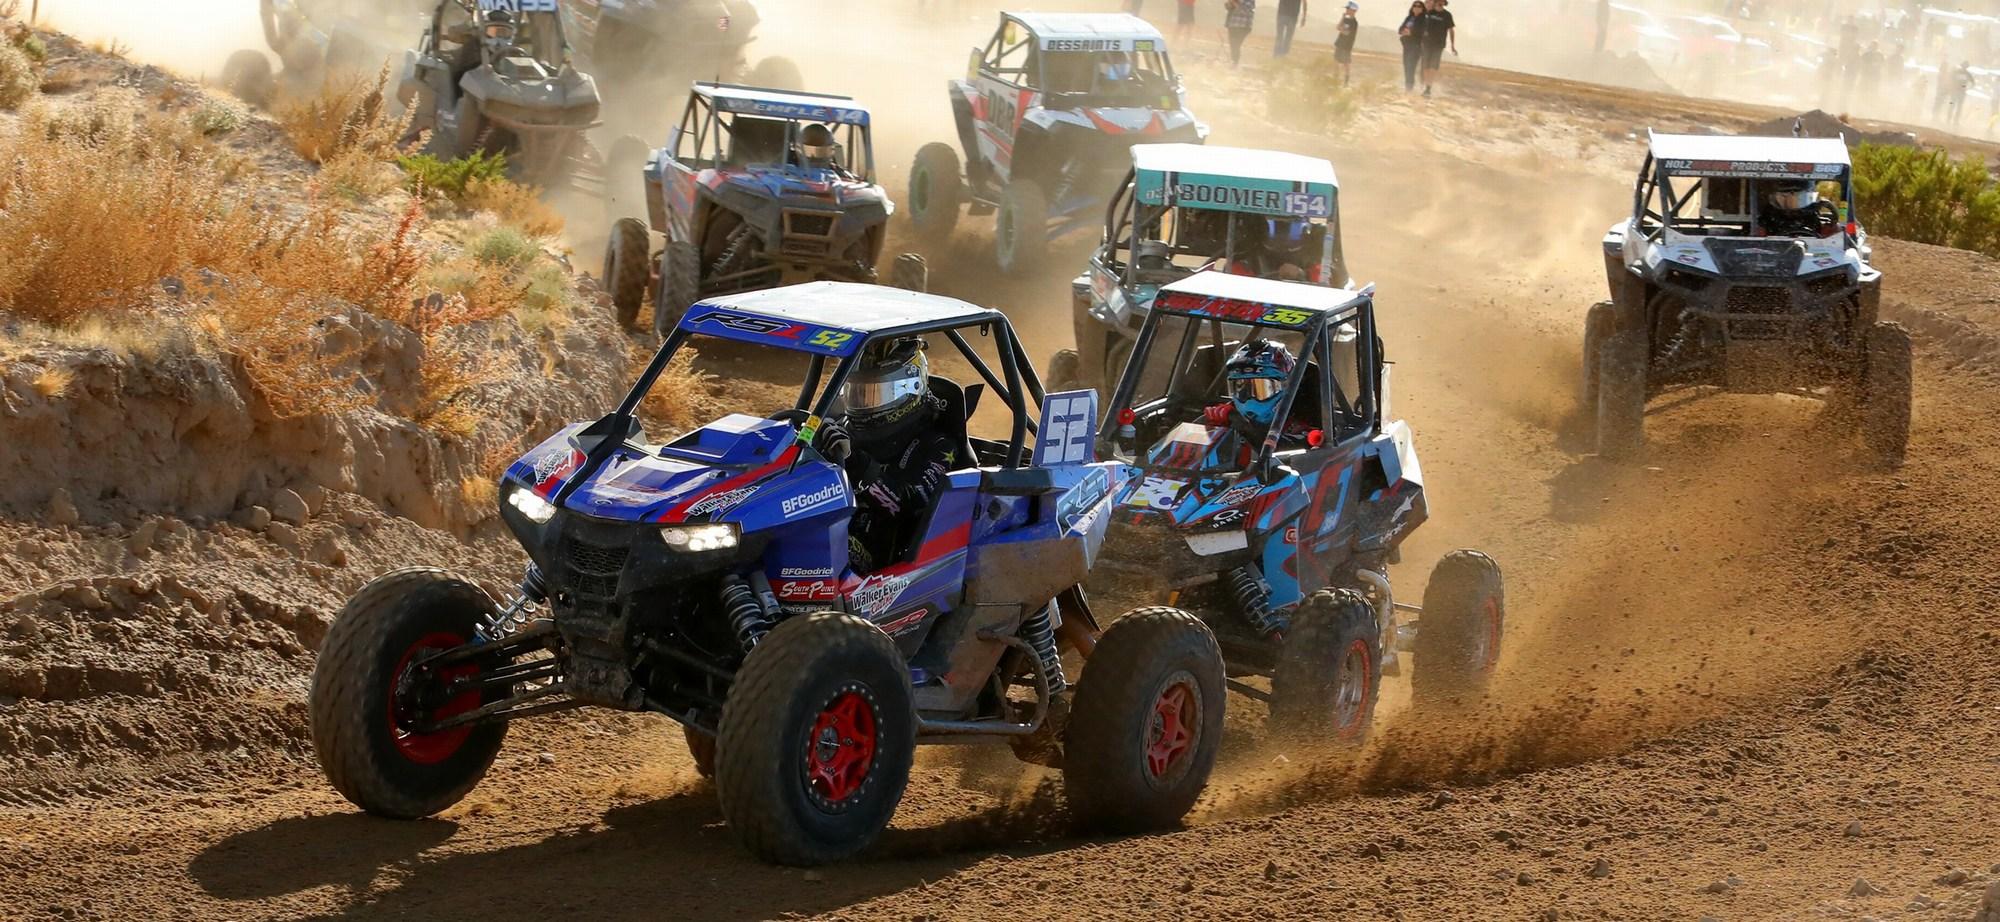 2018-09-ronnie-anderson-desert-holeshot-utv-worcs-racing